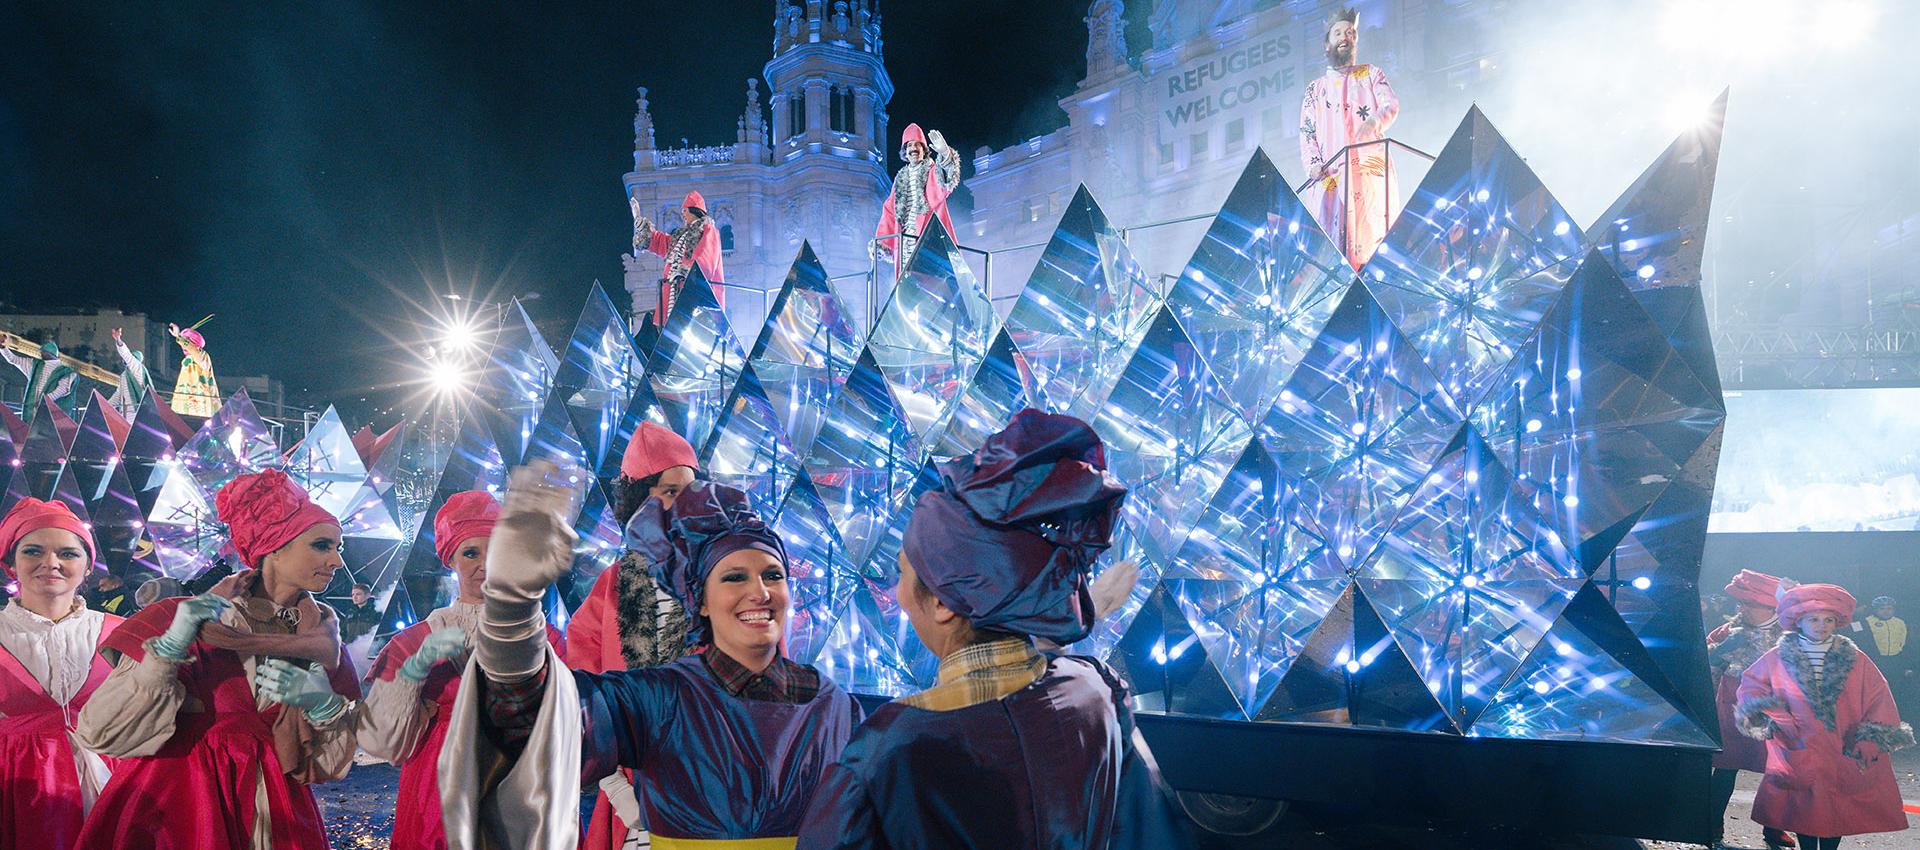 Una de las 3 Carrozas de los Reyes magos, la de Gaspar, durante la Cabalgata 2016 del Ayuntamiento de Madrid. Al fondo carroza de Melchor. Por Elii. Fotografía © Miguel de Guzmán + Rocío Romero. Imagen cortesía de Imagen Subliminal